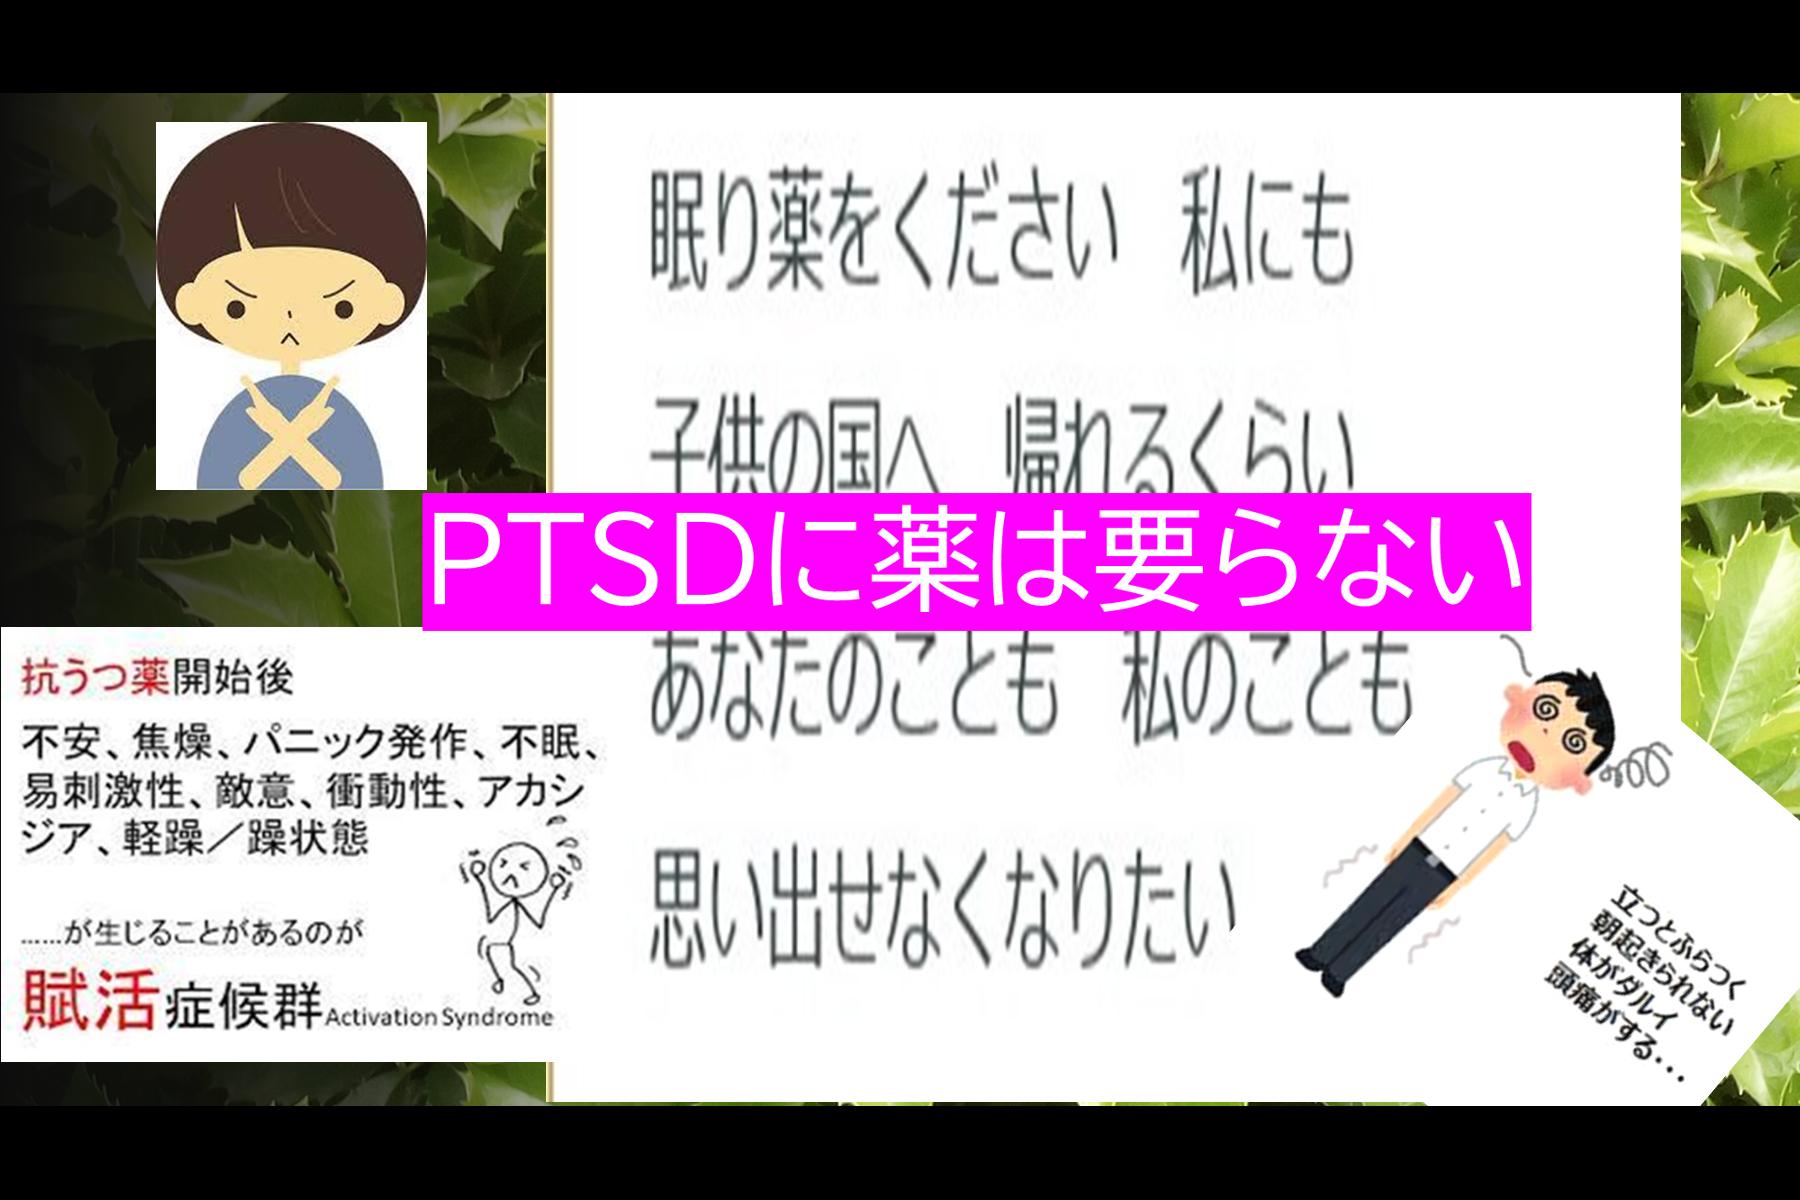 薬害PTSD